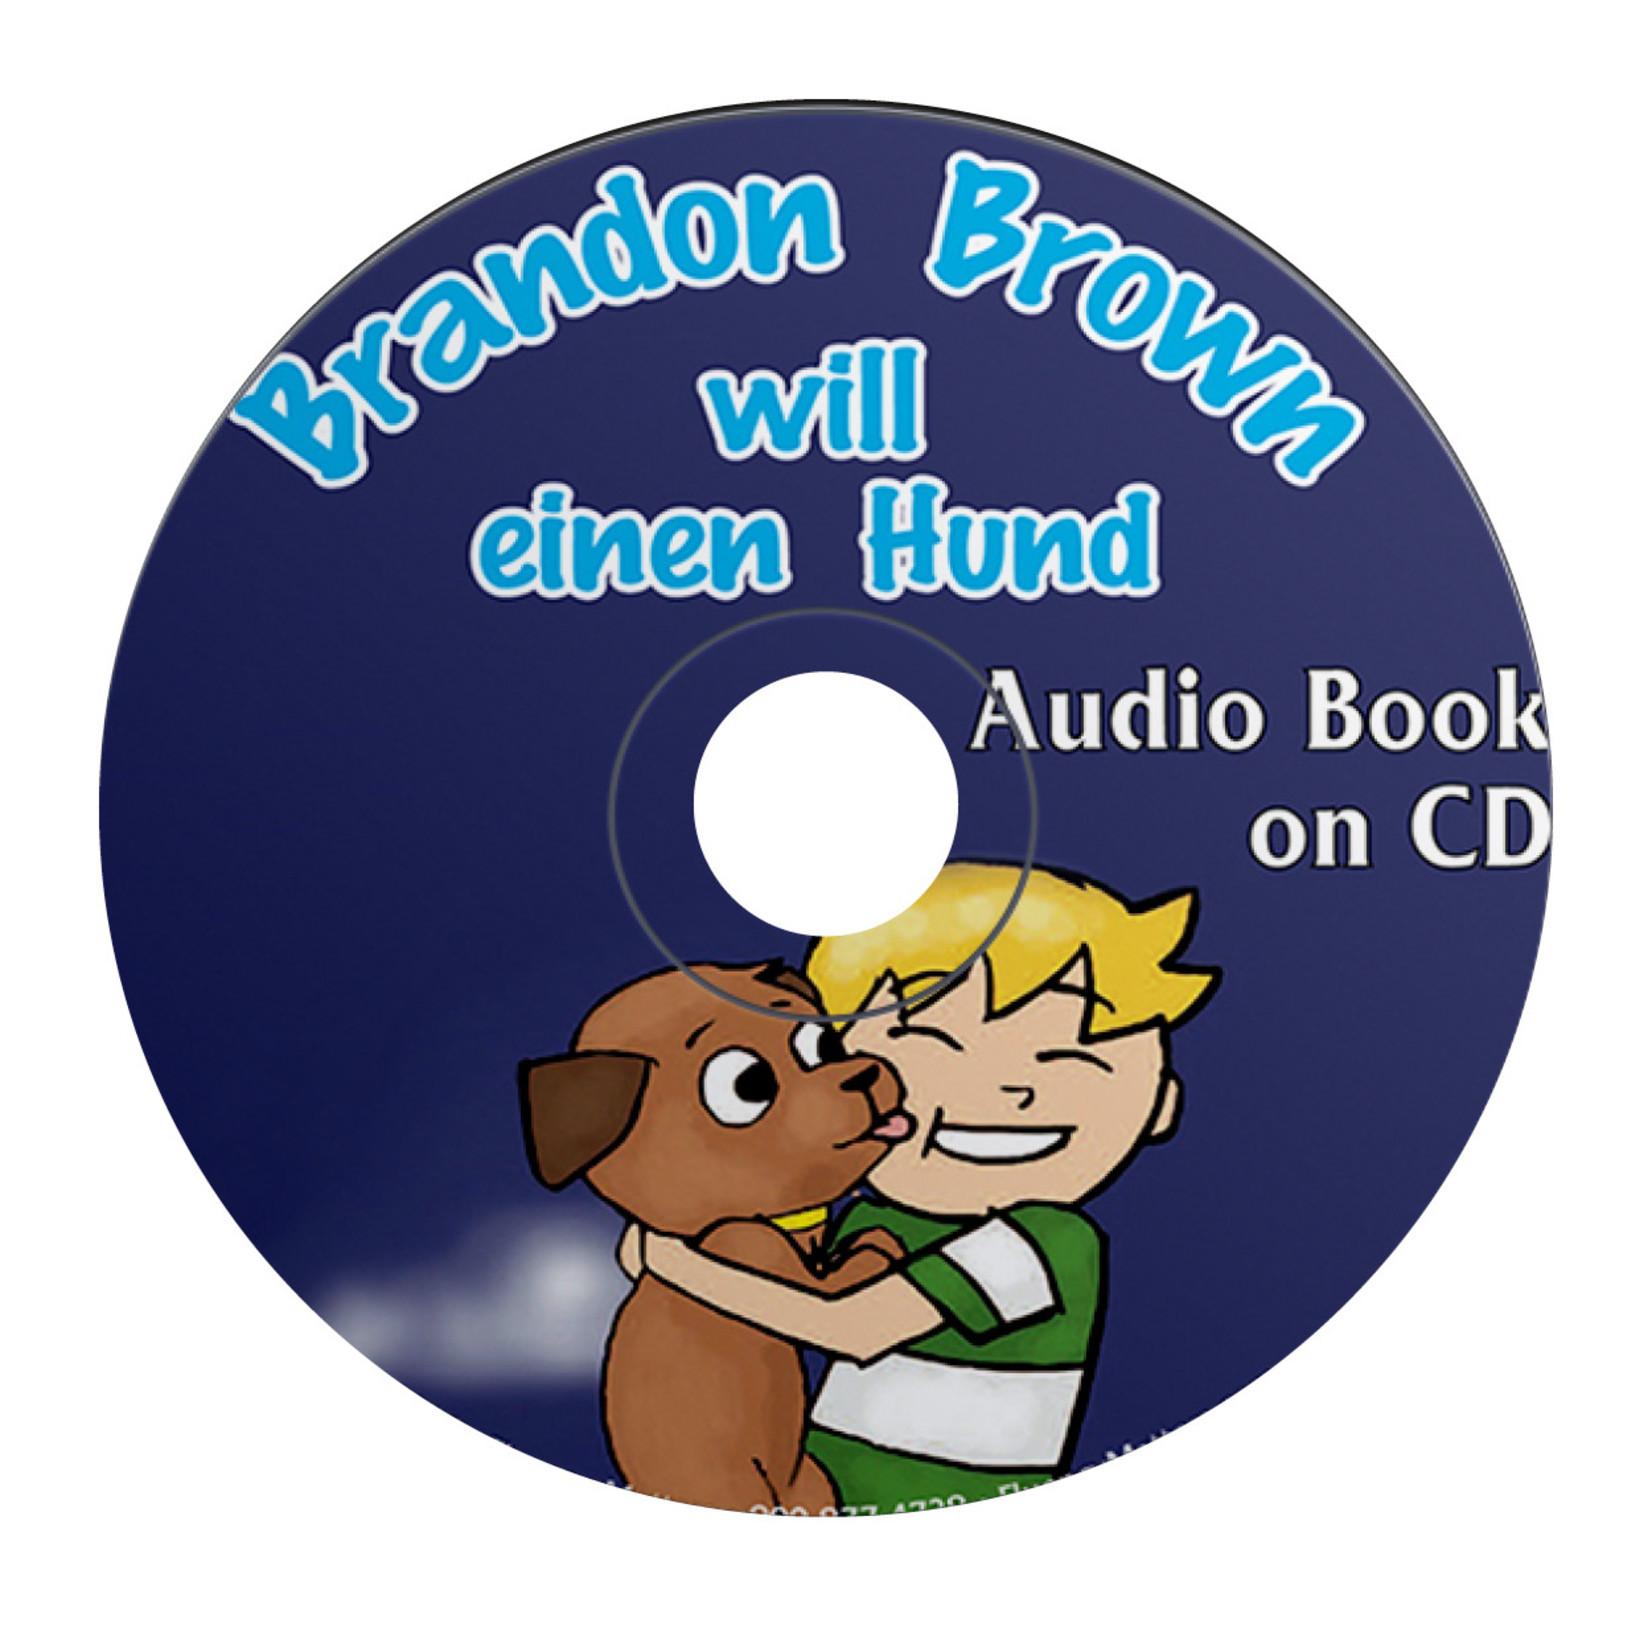 Fluency Matters Brandon Brown will einen Hund - Luisterboek